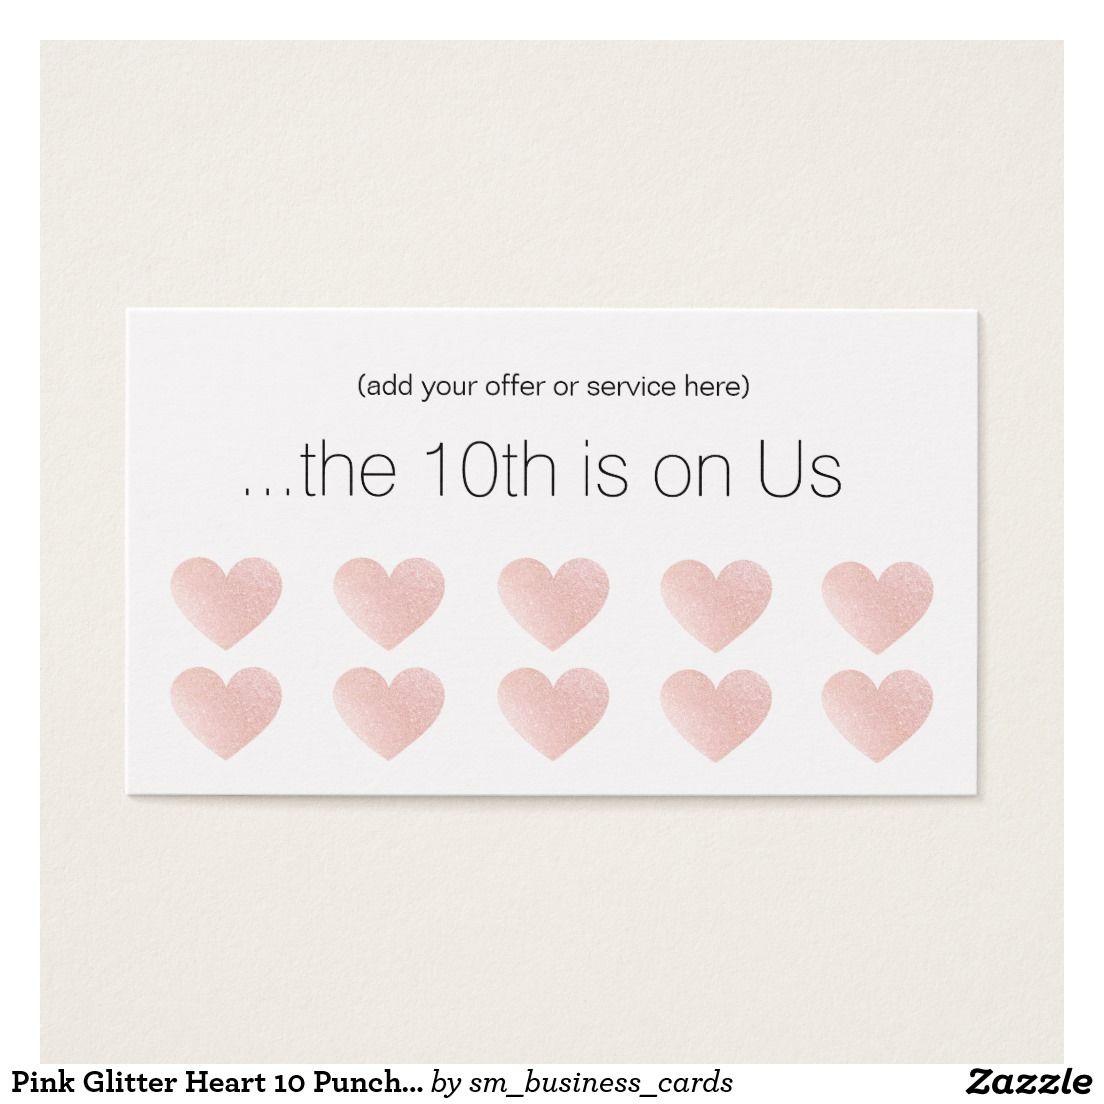 Pink Glitter Heart 10 Punch Salon Customer Loyalty